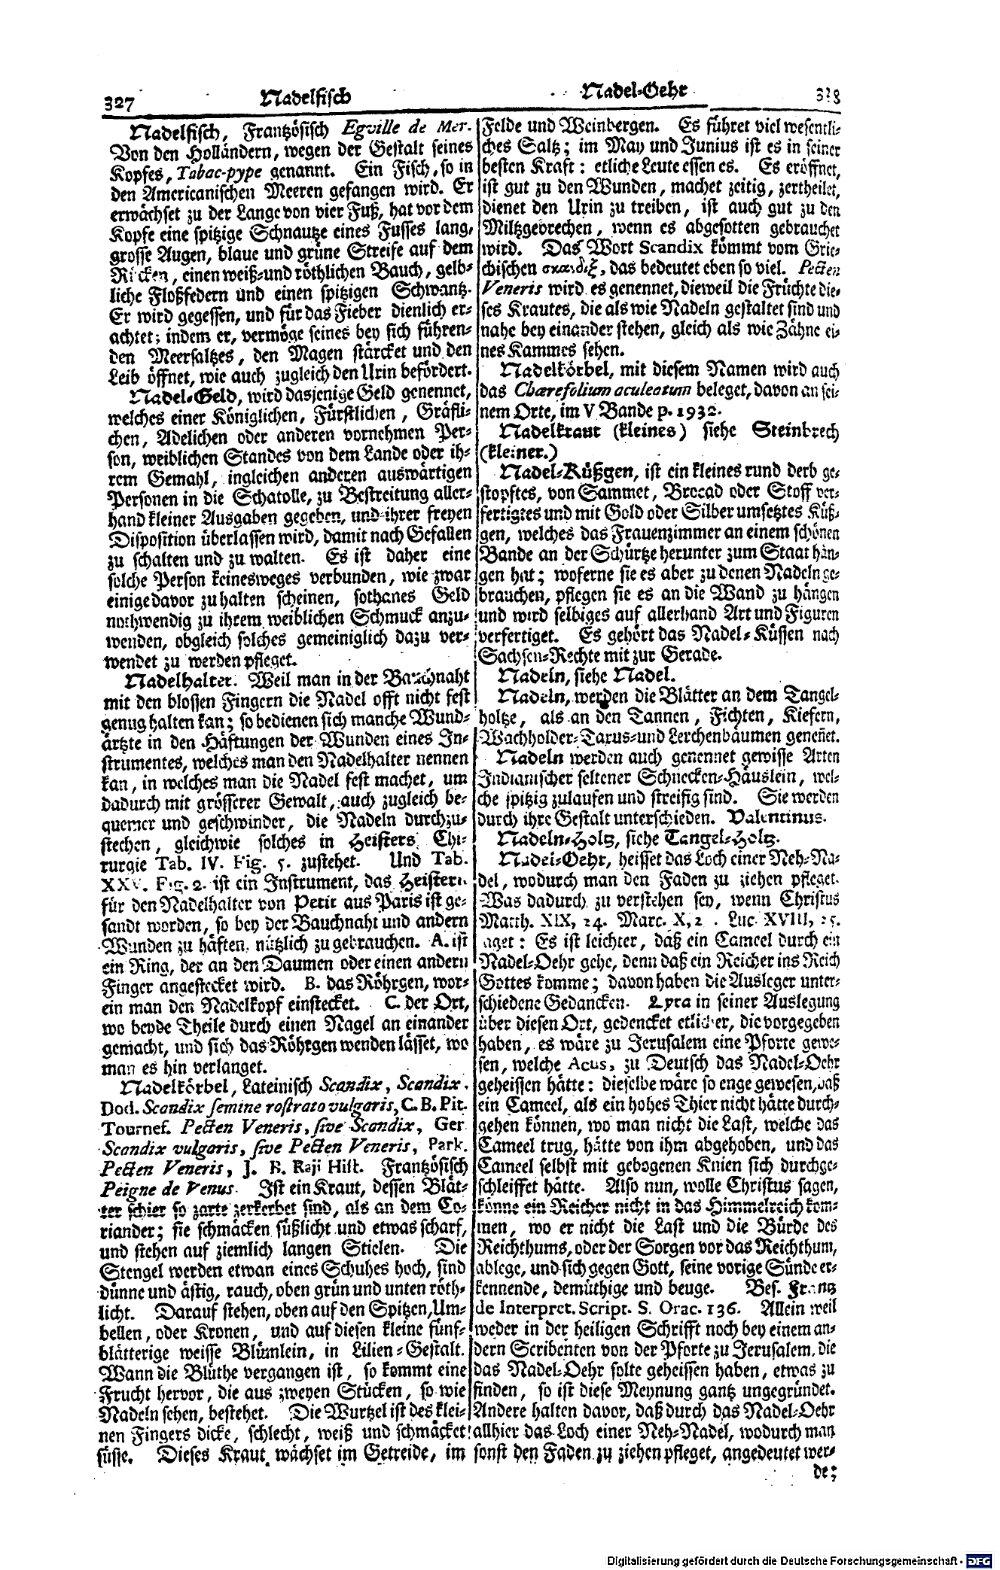 Bd. 23, Seite 0181.